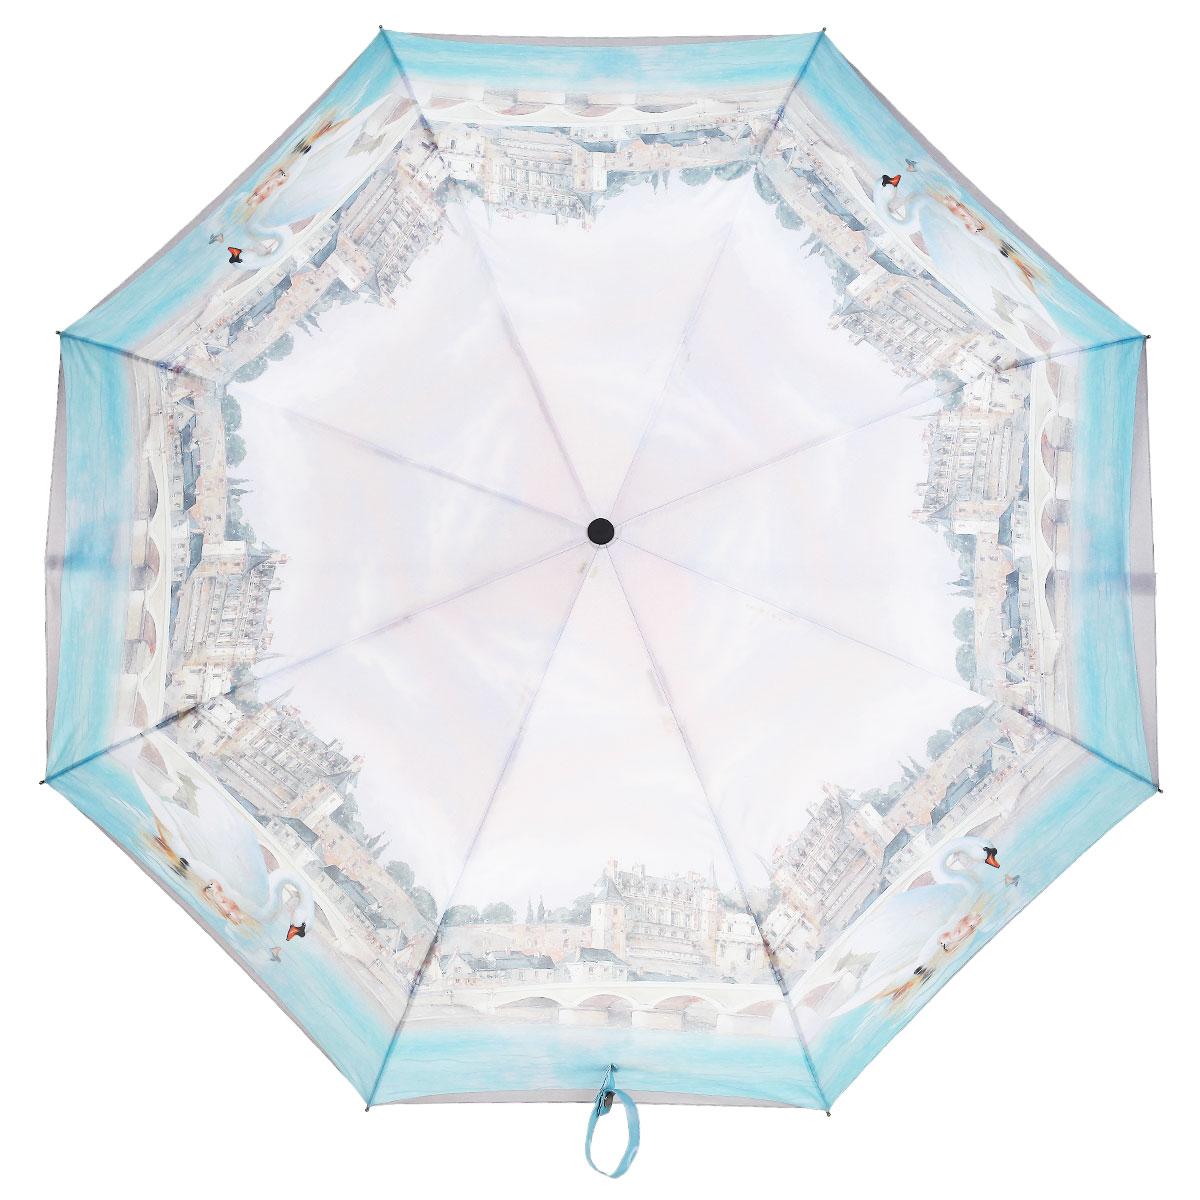 Зонт женский Eleganzza, автомат, 3 сложения, цвет: светло-серый, голубой. A3-05-0276A3-05-0276Стильный автоматический зонт Eleganzza в 3 сложения даже в ненастную погоду позволит вам оставаться элегантной. Каркас зонта выполнен из 8 спиц из фибергласса, стержень изготовлен из стали, удобная рукоятка - из пластика. Купол зонта выполнен из прочного полиэстера и эпонжа с водоотталкивающей пропиткой. В закрытом виде застегивается хлястиком на кнопке. Грациозные лебеди, итальянский городской пейзаж, переливающиеся оттенки голубого цвета... Рисунок этого зонта настроит владелицу на романтический лад. Зонт имеет полный автоматический механизм сложения: купол открывается и закрывается нажатием кнопки на рукоятке, стержень складывается вручную до характерного щелчка, благодаря чему открыть и закрыть зонт можно одной рукой, что чрезвычайно удобно при входе в транспорт или помещение. На рукоятке для удобства есть небольшой шнурок, позволяющий надеть зонт на руку тогда, когда это будет необходимо. К зонту прилагается чехол.